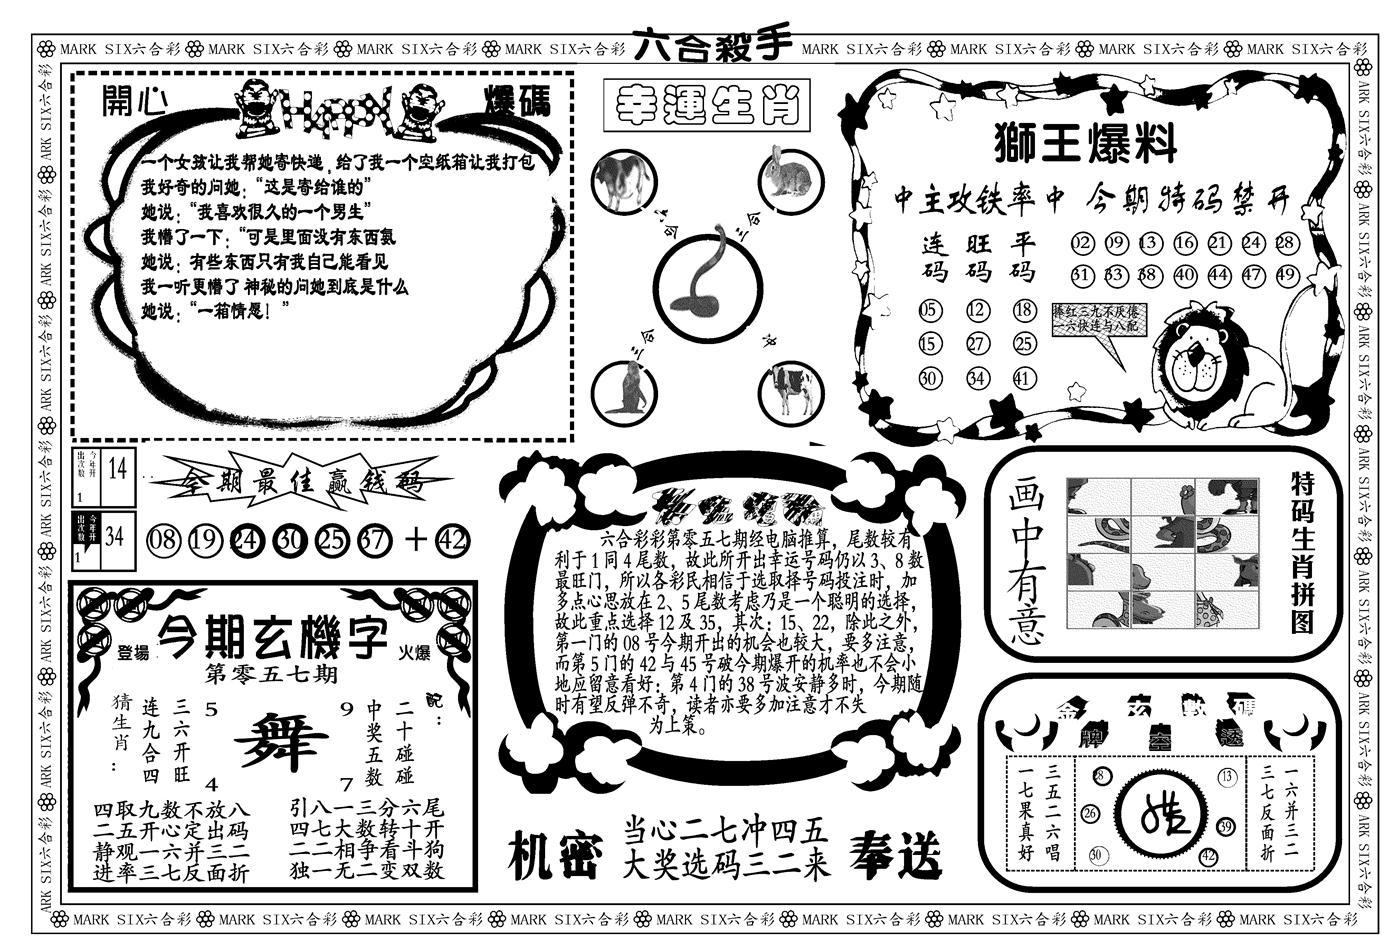 057期新六合杀手B(黑白)